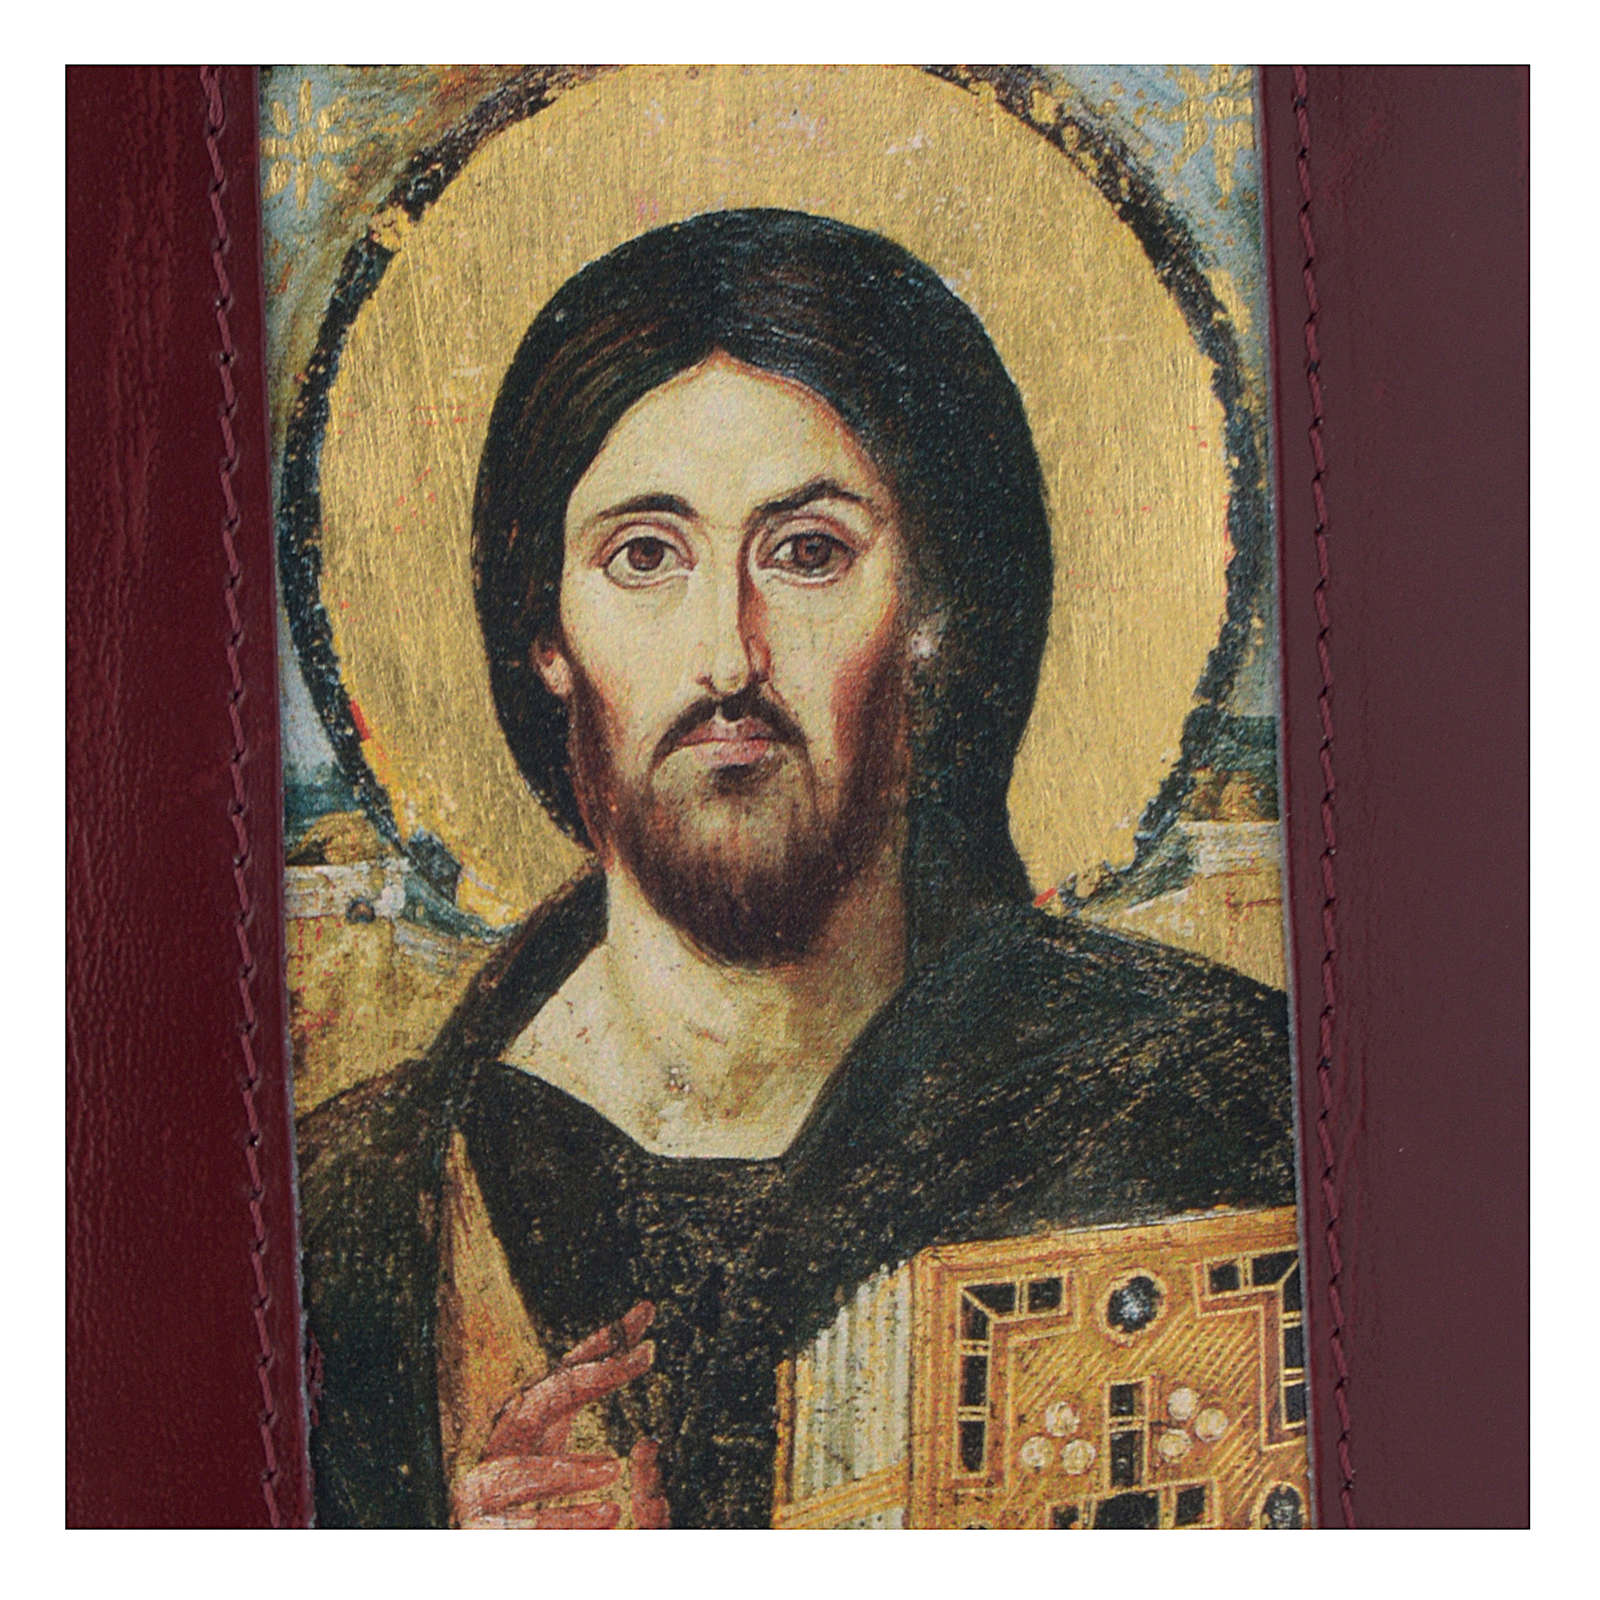 Copri breviario vol. unico immagine Cristo Pantocratore 4